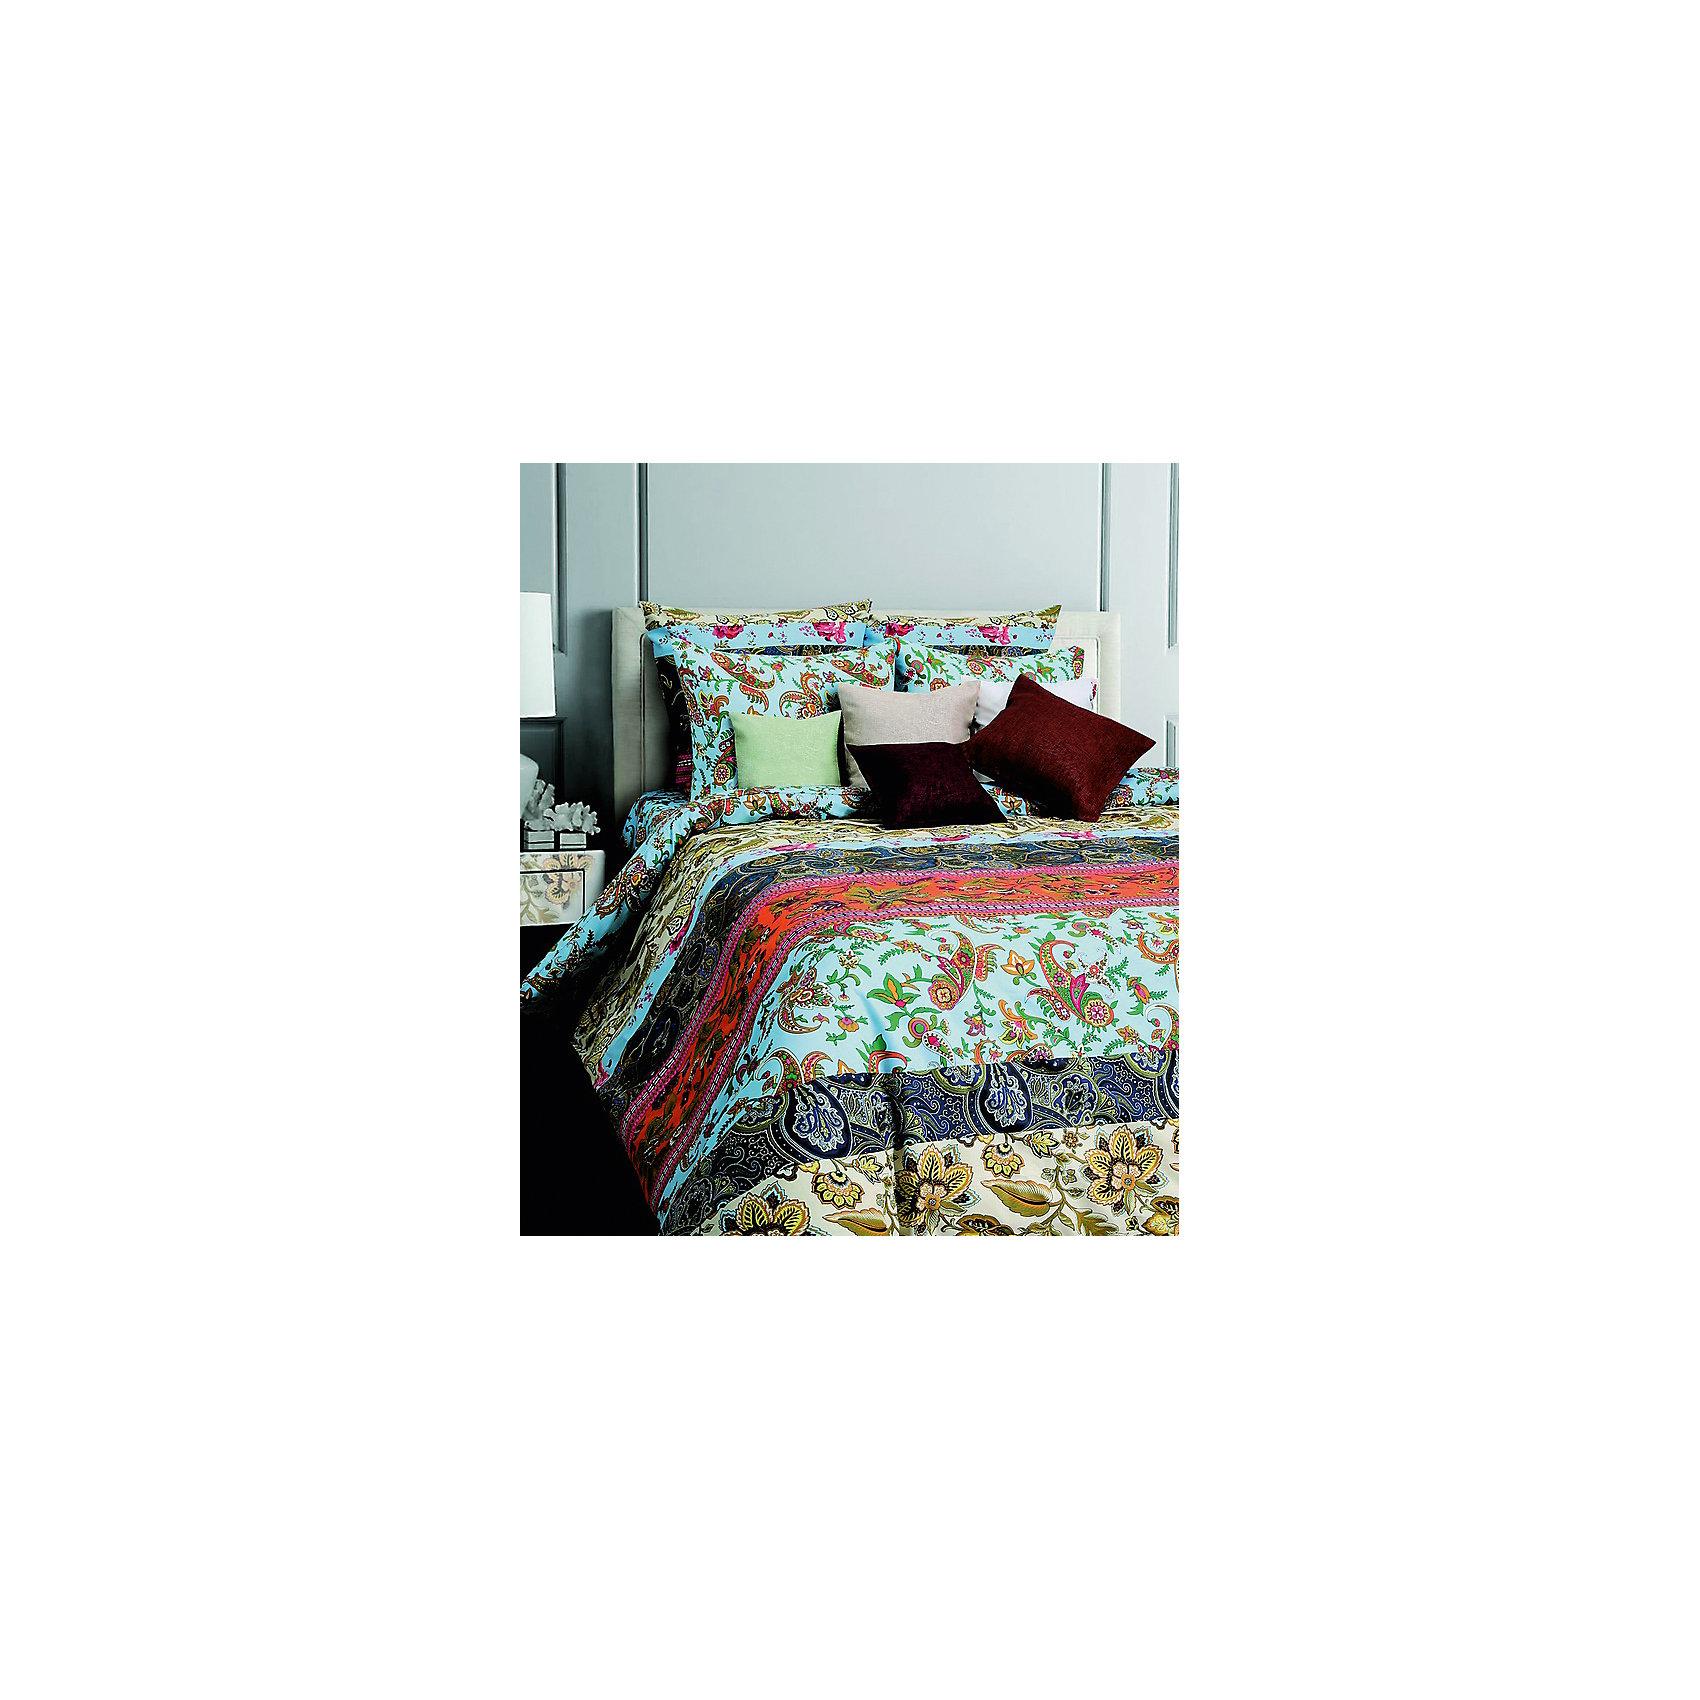 Постельное белье Viva, 1,5-спальный, 50*70, Mona LizaХарактеристики:<br><br>• Вид домашнего текстиля: постельное белье<br>• Тип постельного белья по размерам: 1,5 сп<br>• Серия: Mona Liza Classic<br>• Сезон: круглый год<br>• Материал: бязь <br>• Цвет: оранжевый, синий, желтый, зеленый<br>• Комплектация: <br> пододеяльник на пуговицах– 1 шт. 145*210 см <br> простынь – 1 шт. 150*215 см<br> наволочки – 2 шт. (50*70 см)<br>• Тип упаковки: книжка <br>• Вес в упаковке: 1 кг 600 г<br>• Особенности ухода: машинная стирка при температуре 30 градусов<br><br>Постельное белье 1,5сп Viva 50*70, Mona Liza изготовлено под отечественным торговым брендом, выпускающим постельное белье из натуральных тканей. Комплект выполнен из 100 % бязи, отличающейся высокими характеристиками не только прочности самого полотна, но и устойчивости окраски, которая выполняется по особой технологии. Комплектсостоит из 4-х предметов. Постельное белье выполнено в ярком дизайне с фантазийным цветочным рисунком. <br>Постельное белье 1,5сп Viva 50*70, Mona Liza – домашний текстиль, соответствующий международным стандартам качества и безопасности!<br><br>Постельное белье 1,5сп Viva 50*70, Mona Liza можно купить в нашем интернет-магазине.<br><br>Ширина мм: 290<br>Глубина мм: 70<br>Высота мм: 370<br>Вес г: 1400<br>Возраст от месяцев: 84<br>Возраст до месяцев: 216<br>Пол: Женский<br>Возраст: Детский<br>SKU: 5165674